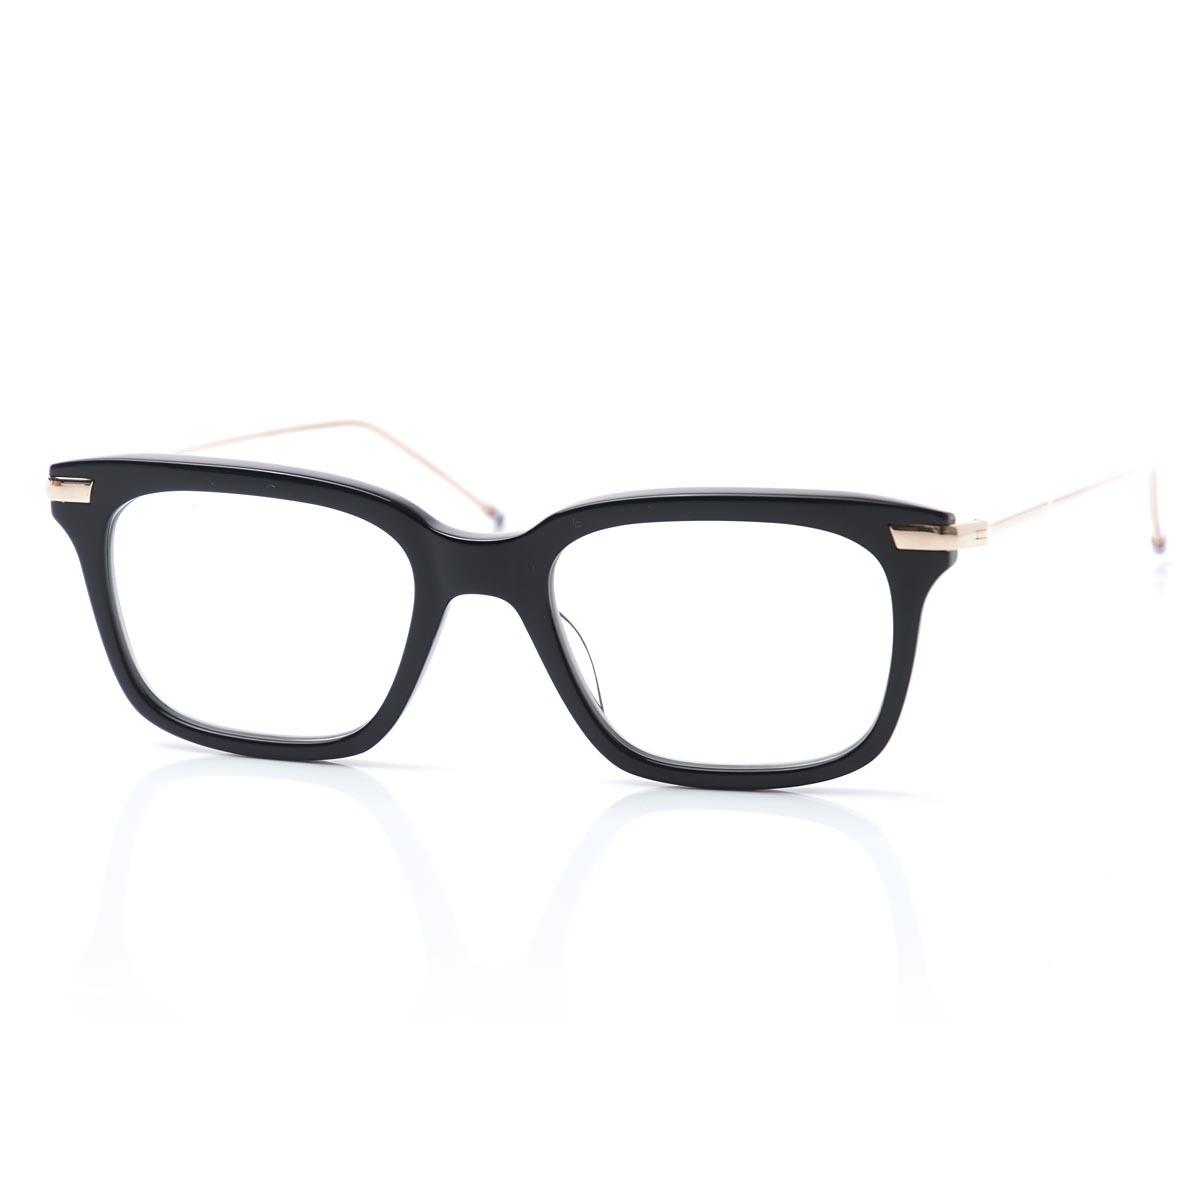 トムブラウン THOM BROWNE. 眼鏡 メガネ ブラック メンズ 黒 tb 701 a blk gld ウェリントン【あす楽対応_関東】【返品送料無料】【ラッピング無料】【190213】